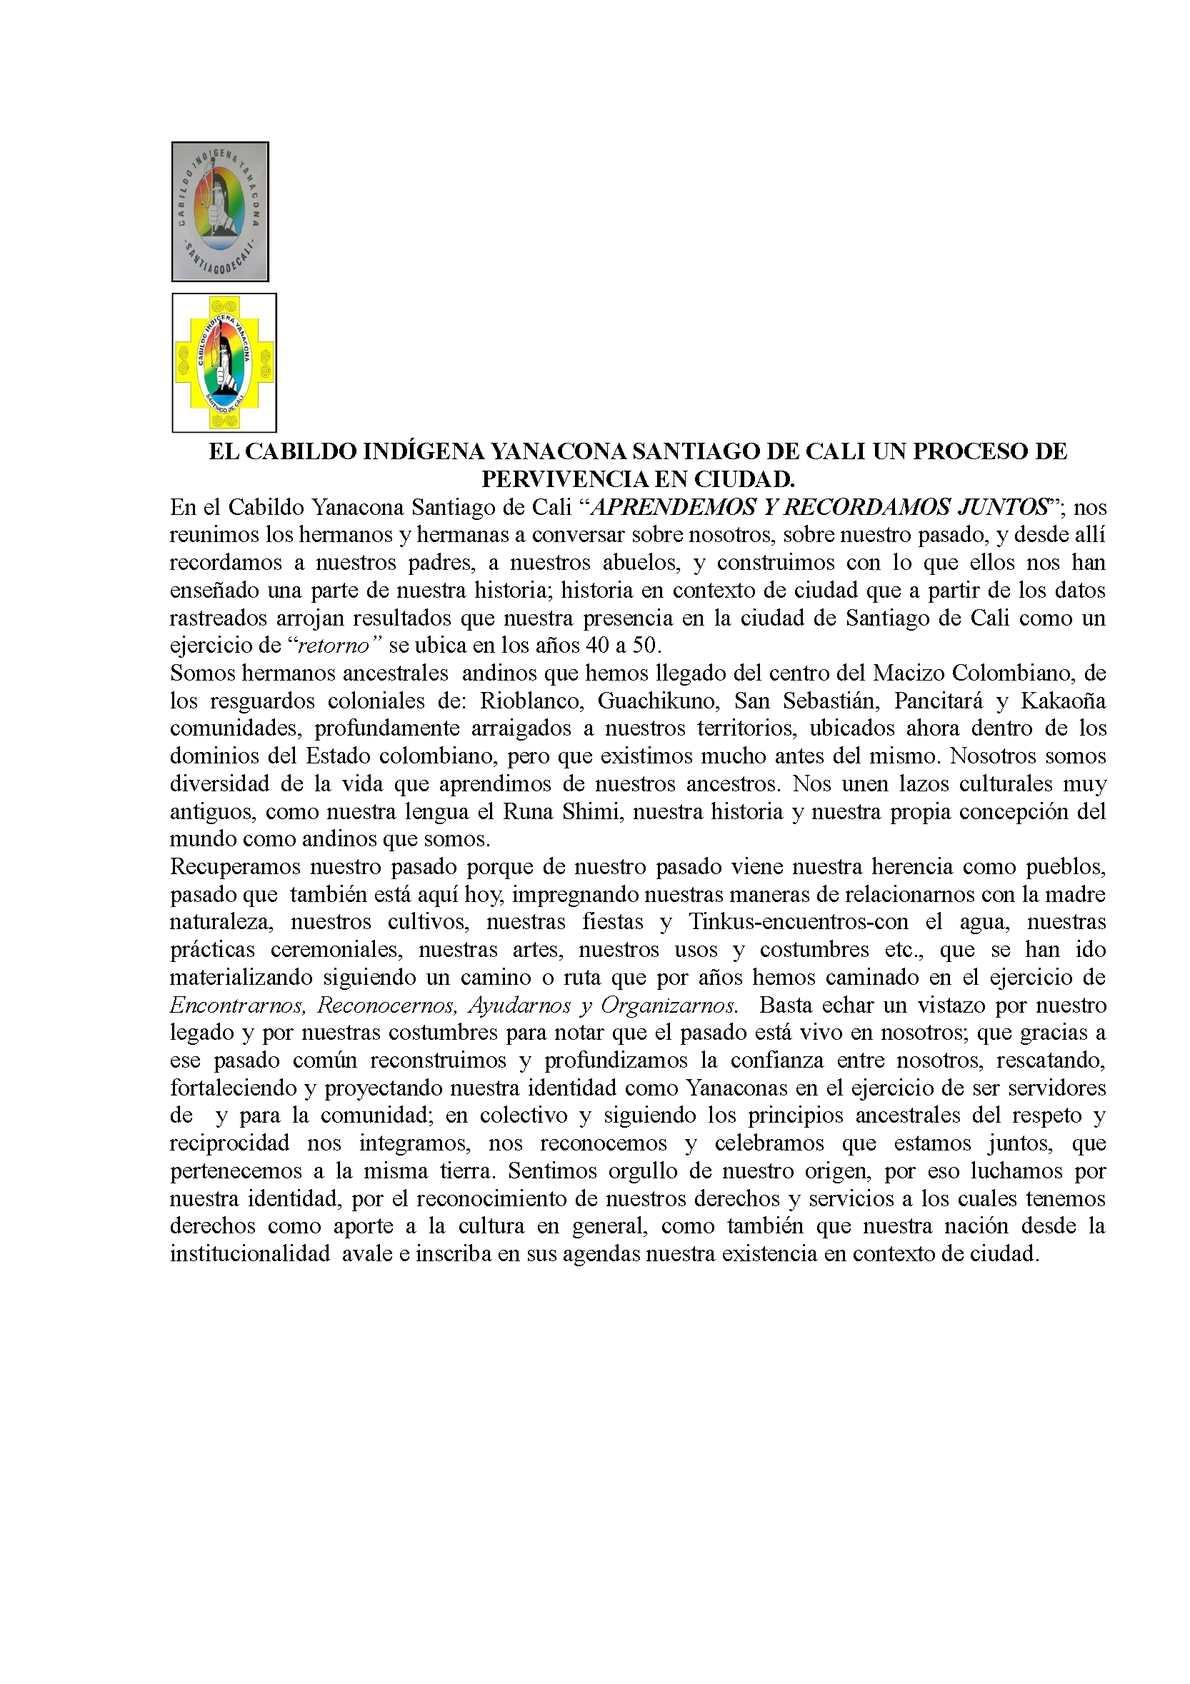 Cabildo Indígena Yanacona nuestro proceso en ciudad-Santiago de Cali